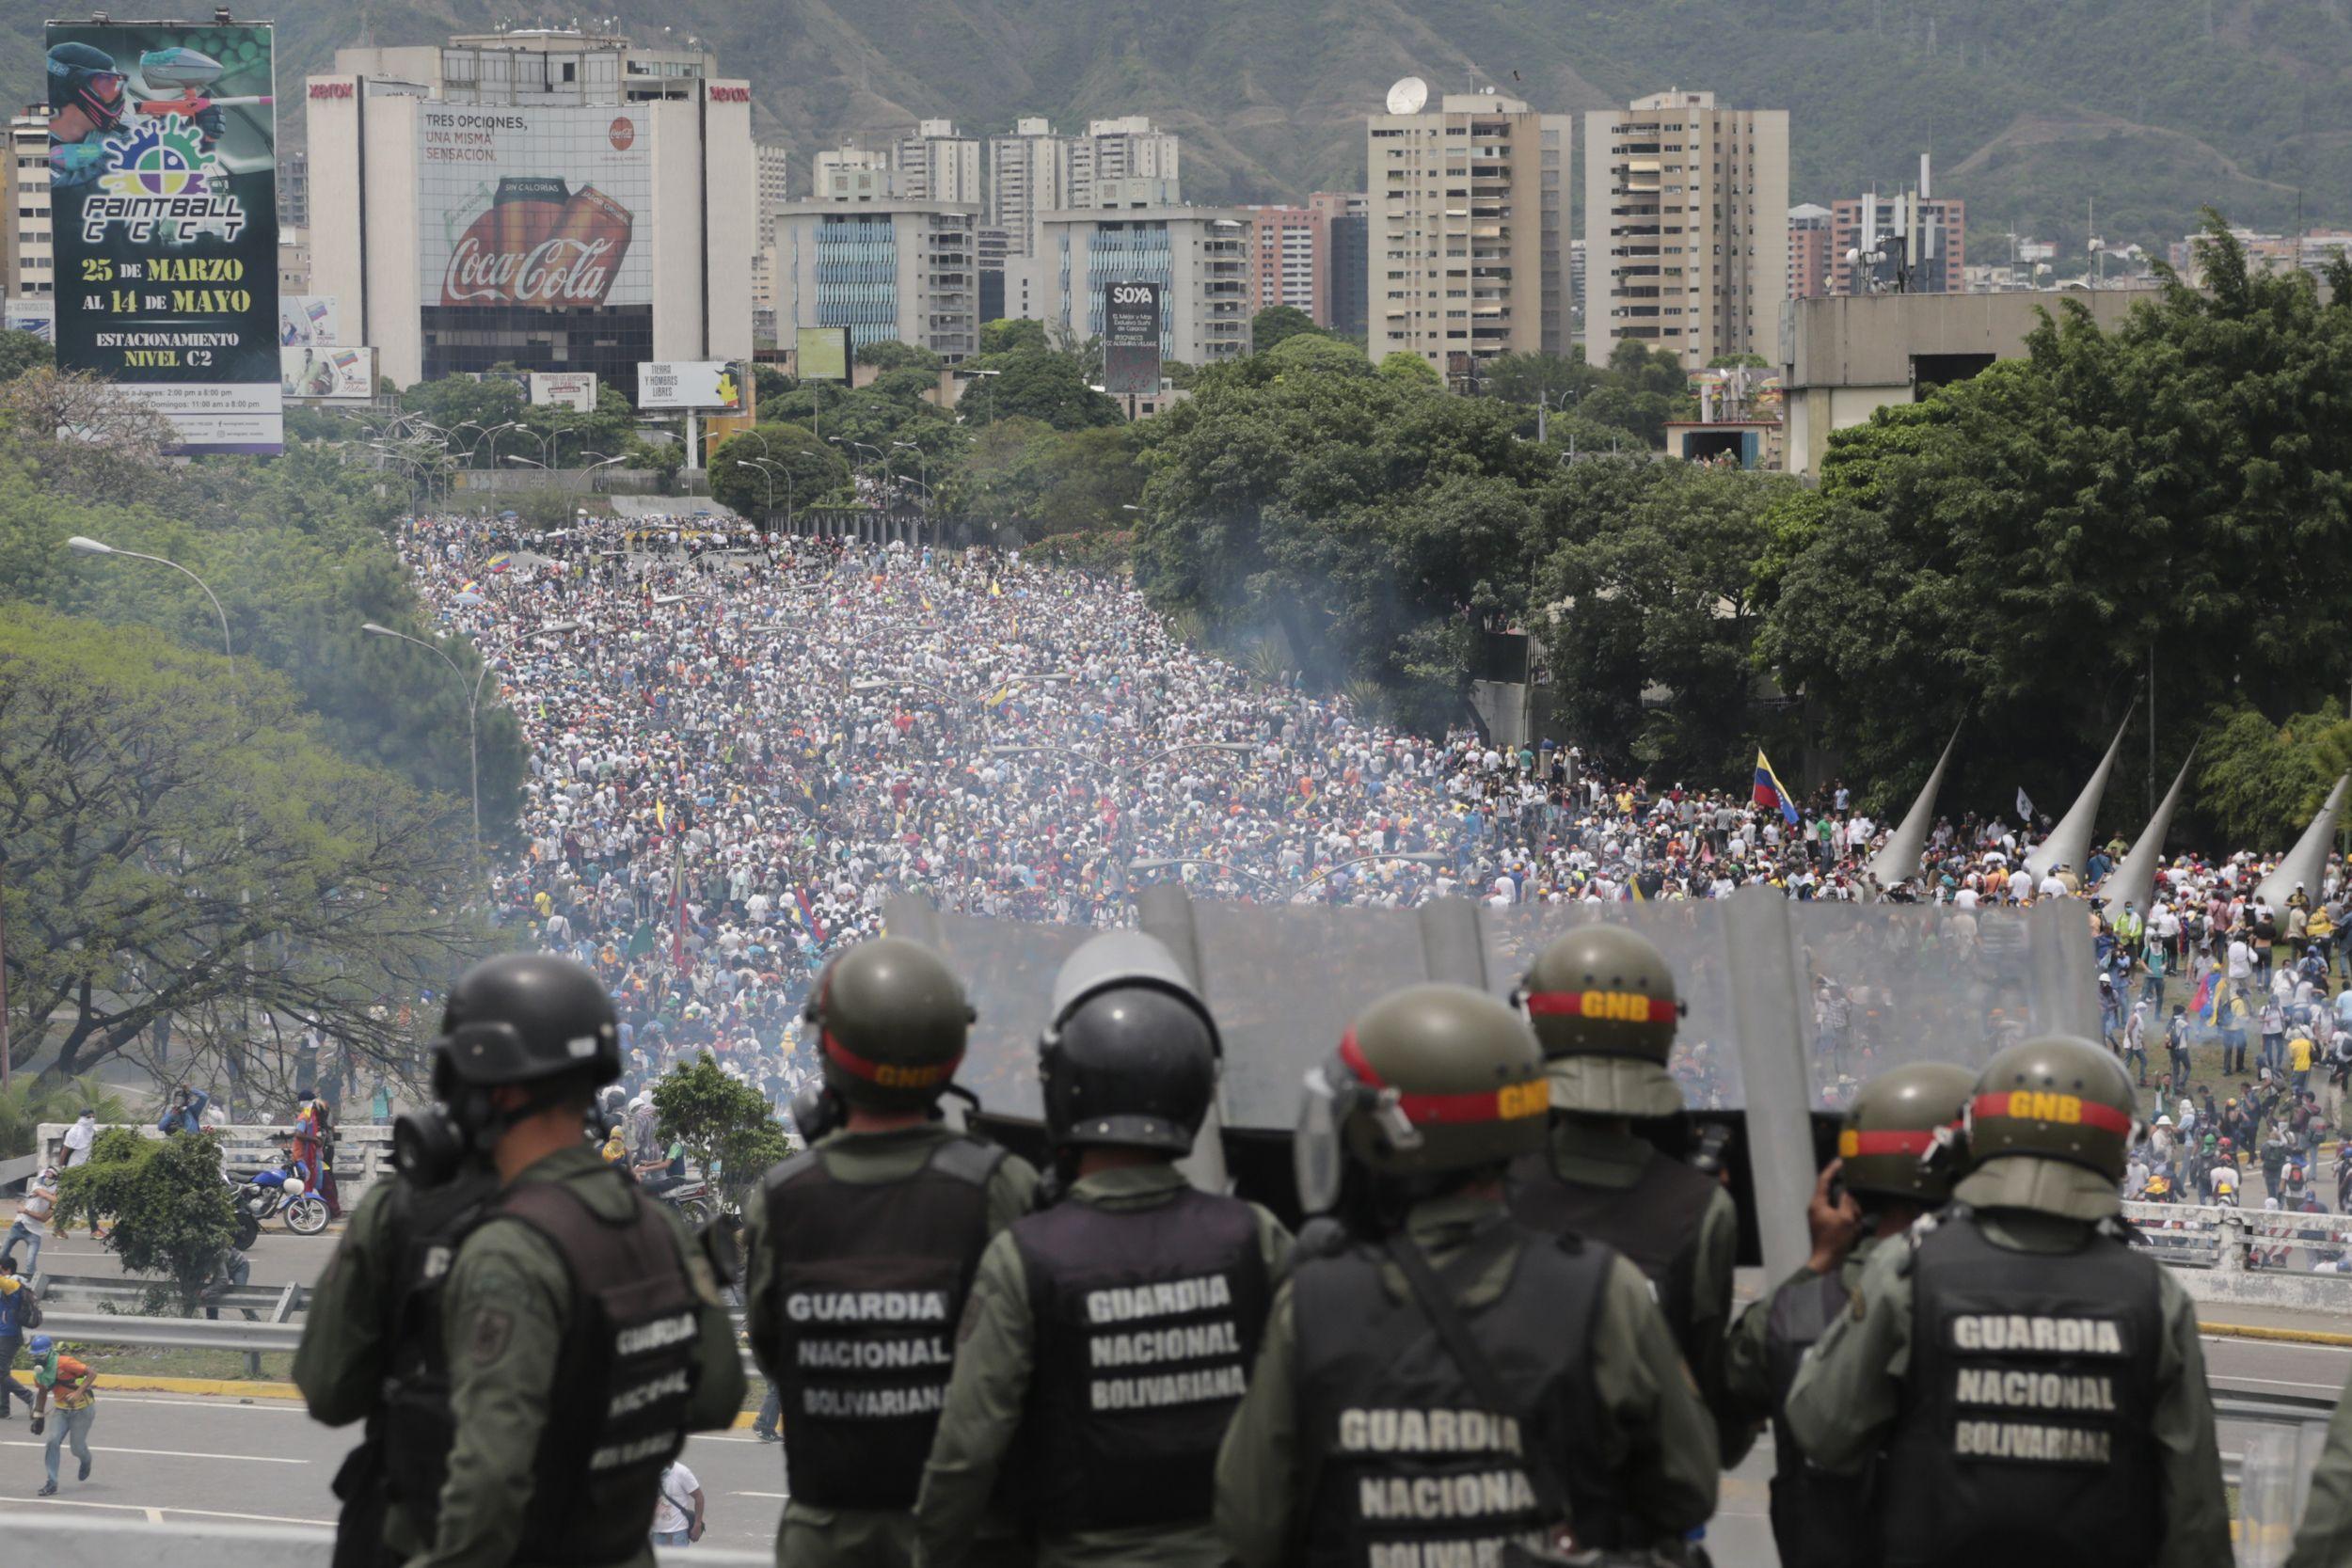 La Guardia Nacional Bolivariana observa una marcha contra el gobierno que intenta llegar a la Asamblea Nacional en Caracas. / Foto: AP